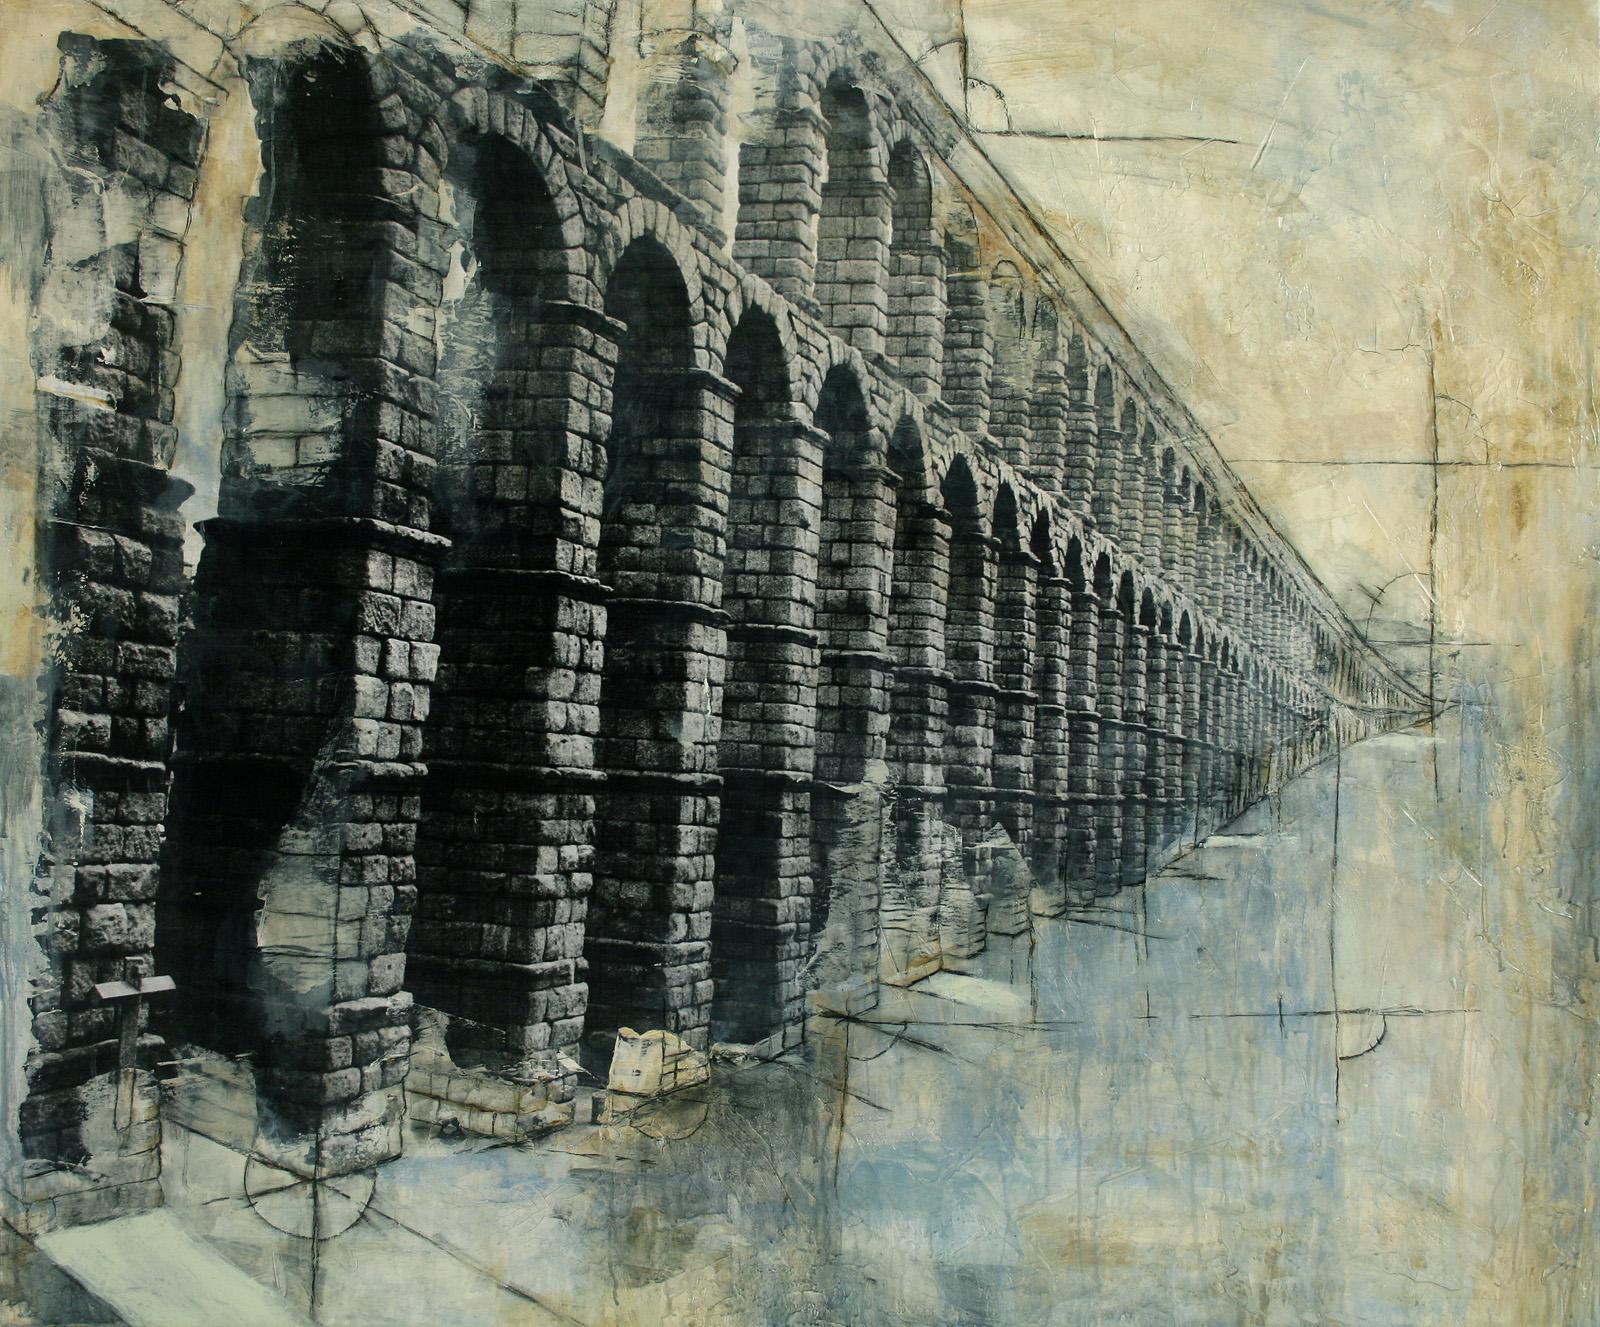 Aquaducts Spain